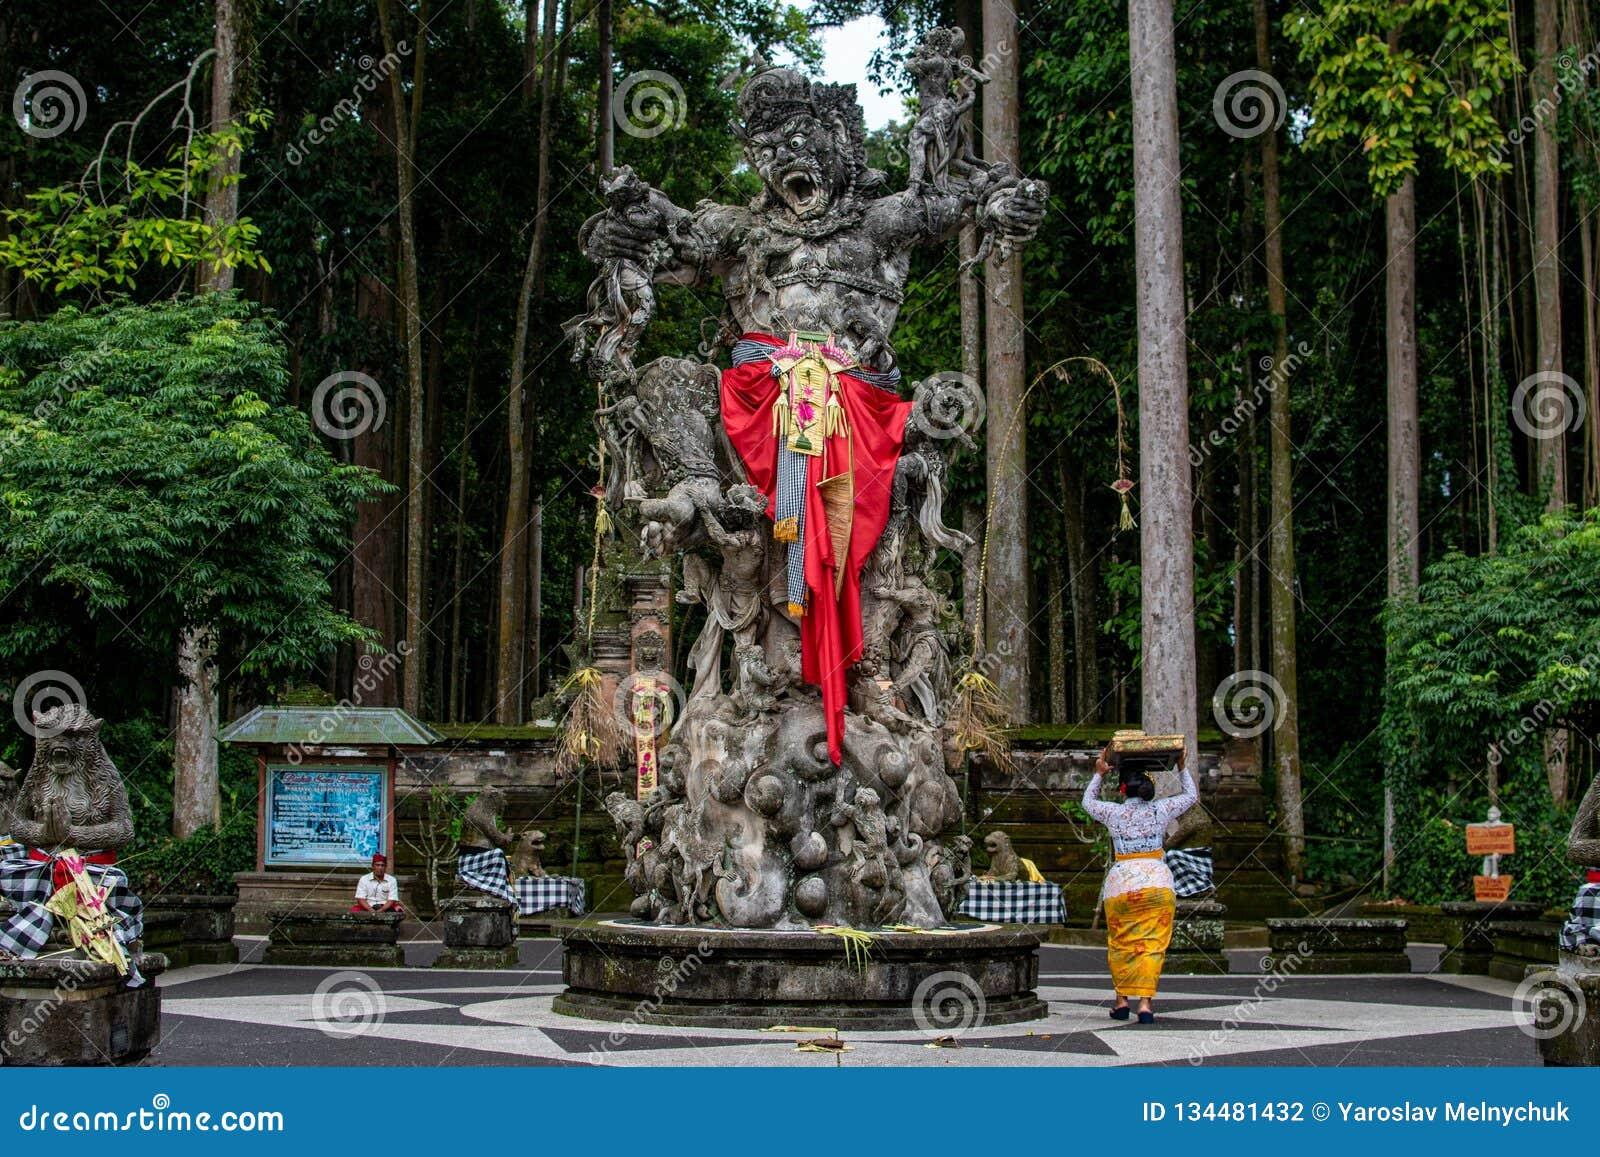 Prozession von schönen Balinesefrauen in den traditionellen Kostümen - Saronge, gehend zur hindischen Zeremonie nahe großem Dämon